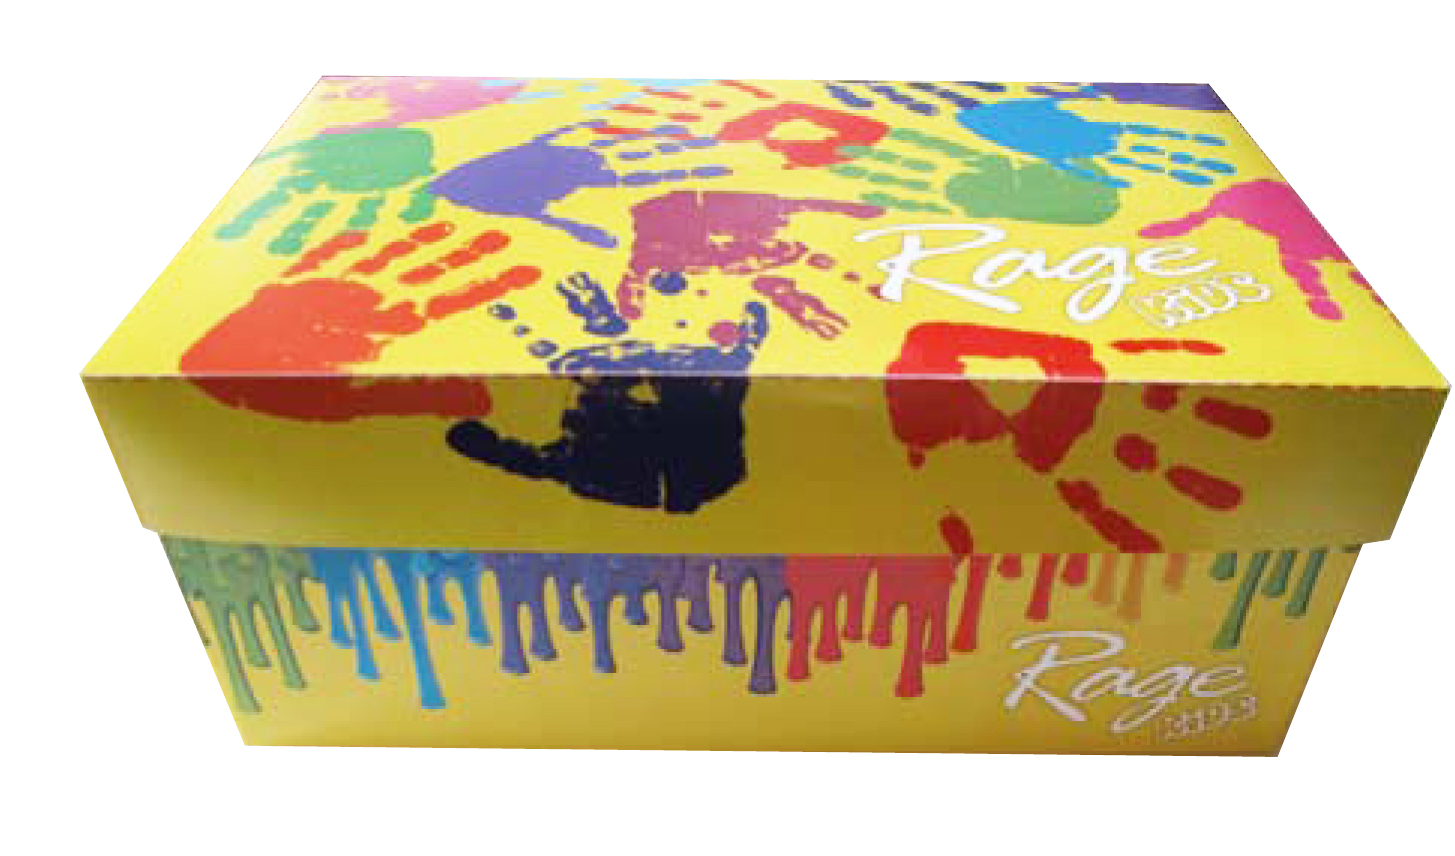 Rage Kids packaging2.jpg